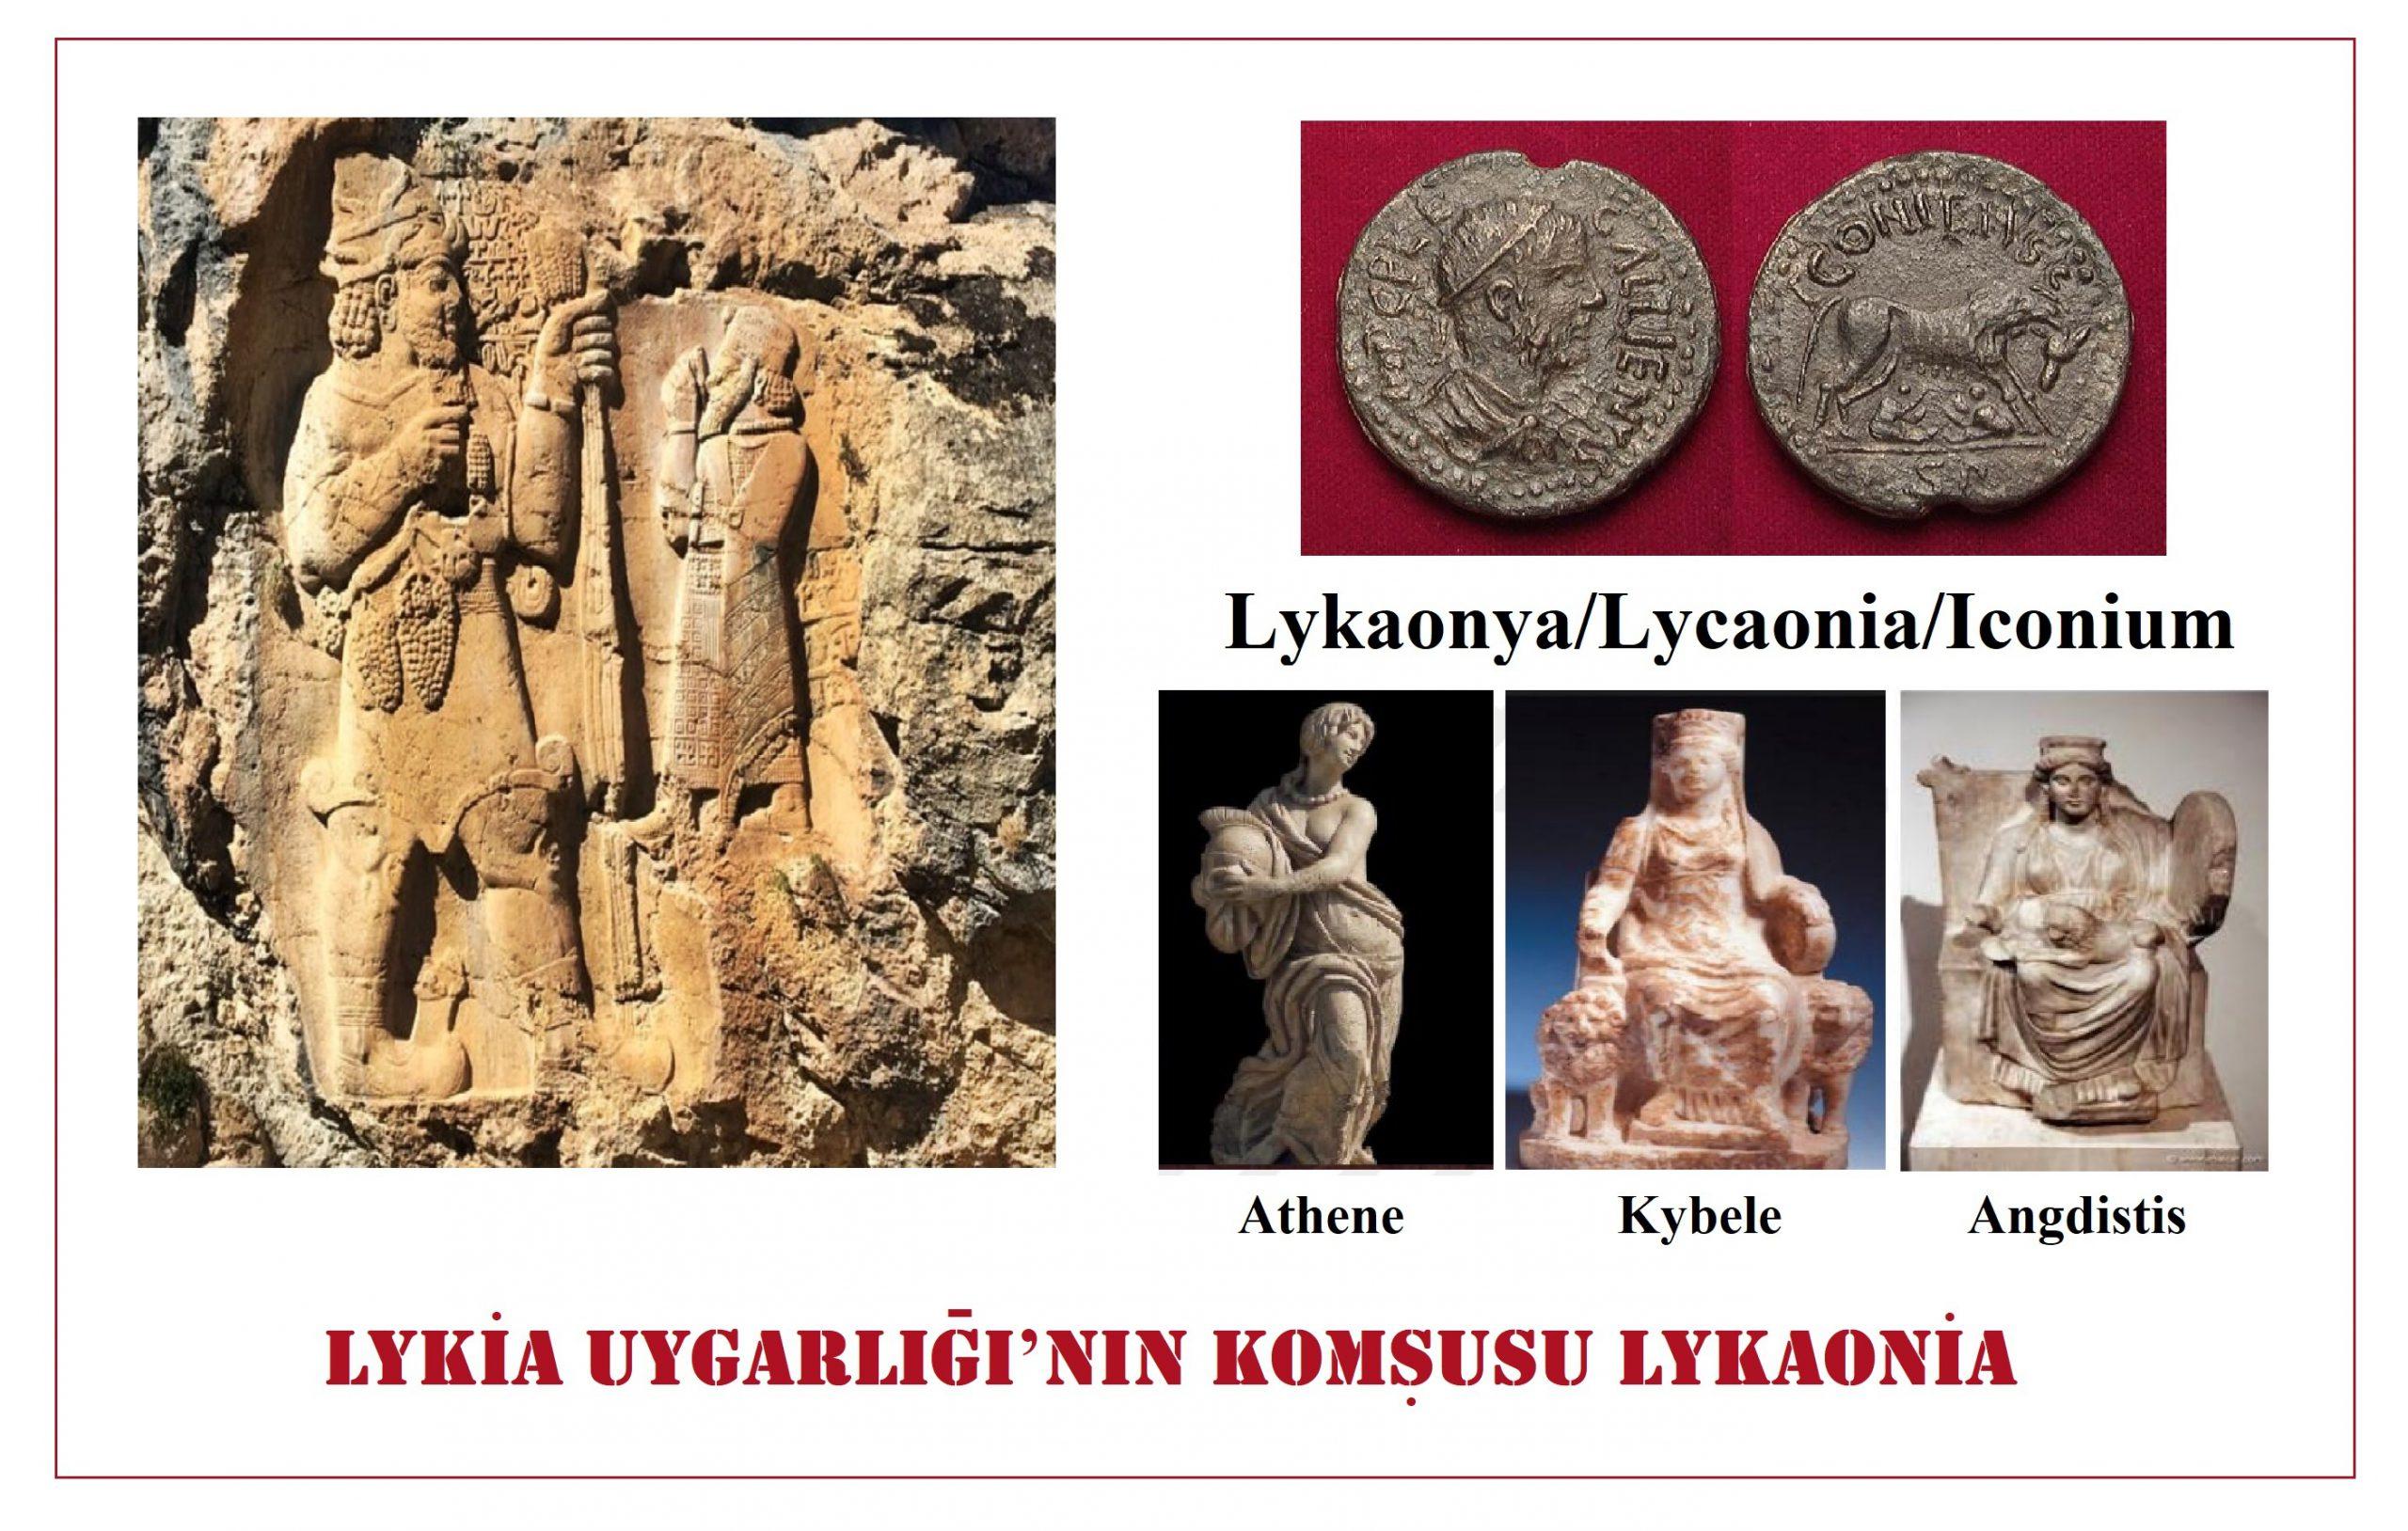 Lykia Uygarlığı'nın Komşusu Lykaonia